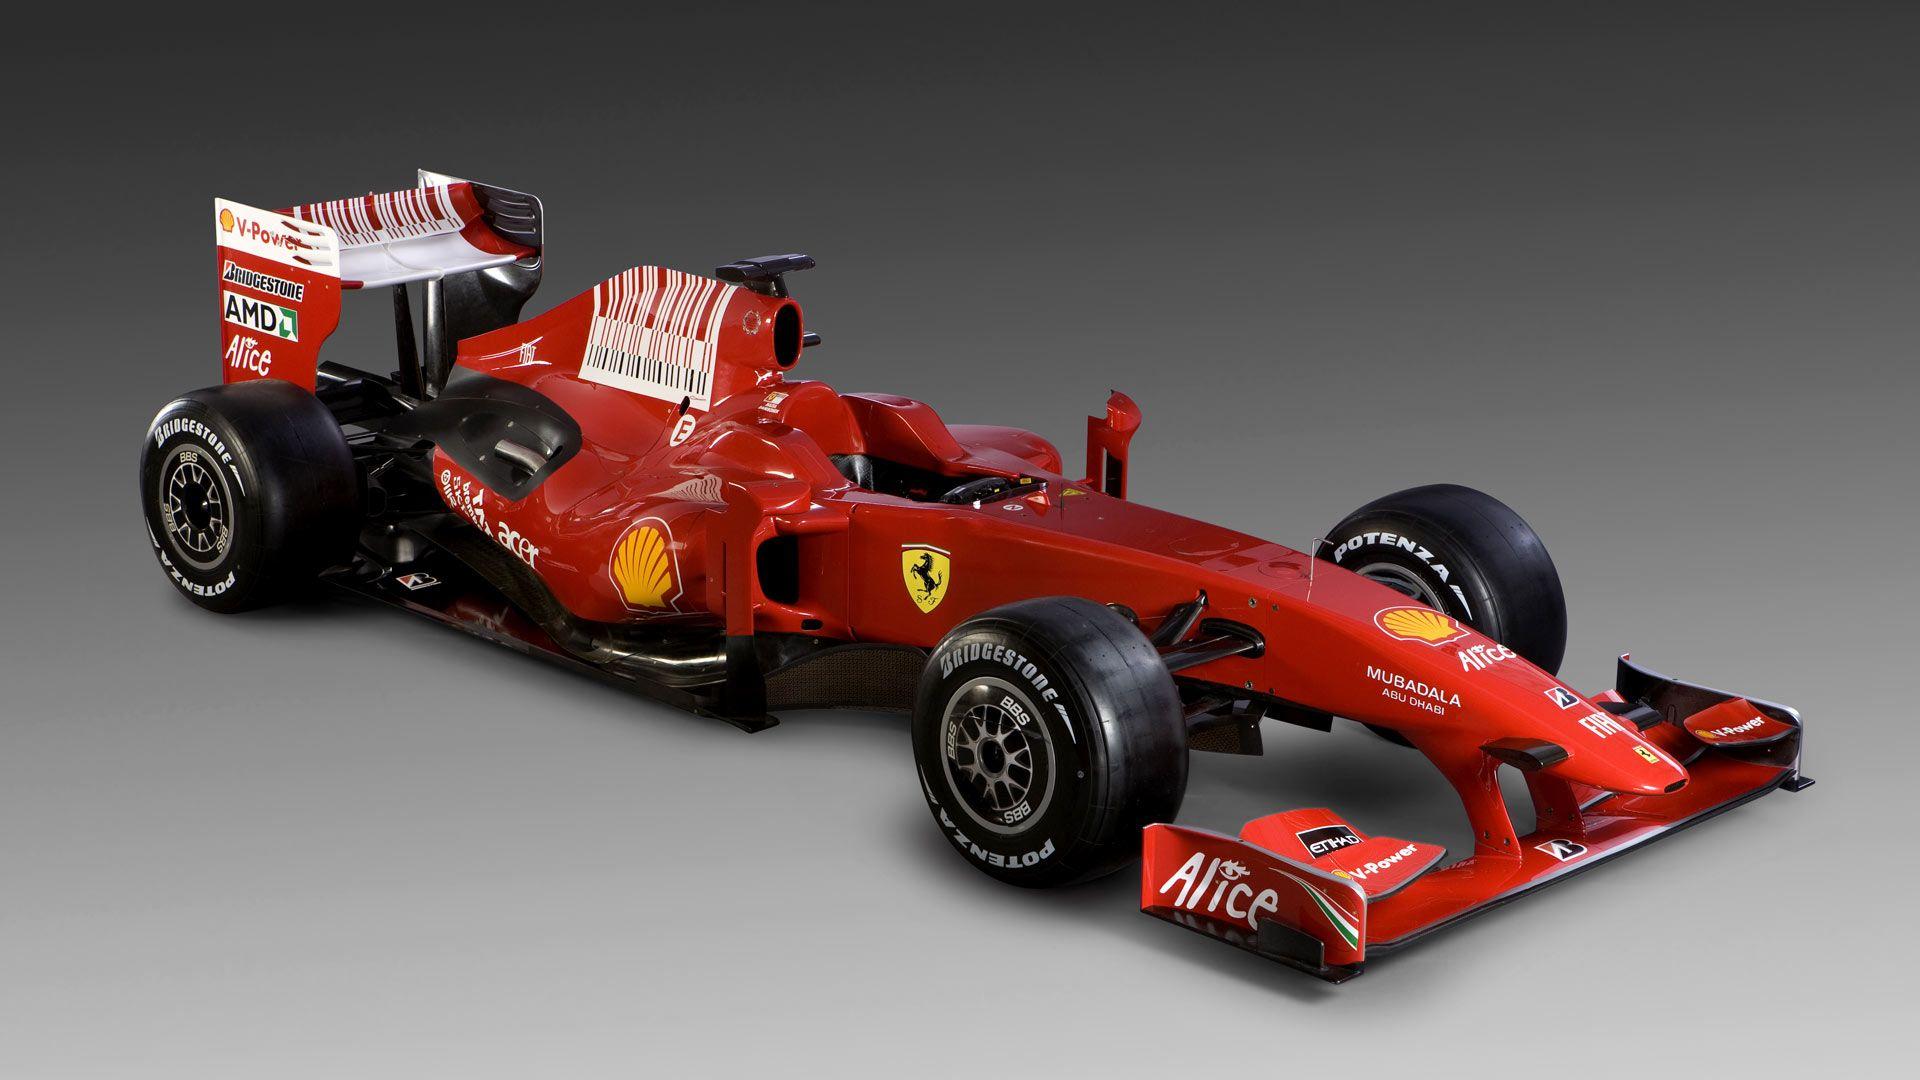 Ferrari F1 2015 High Resolution Backgrounds http